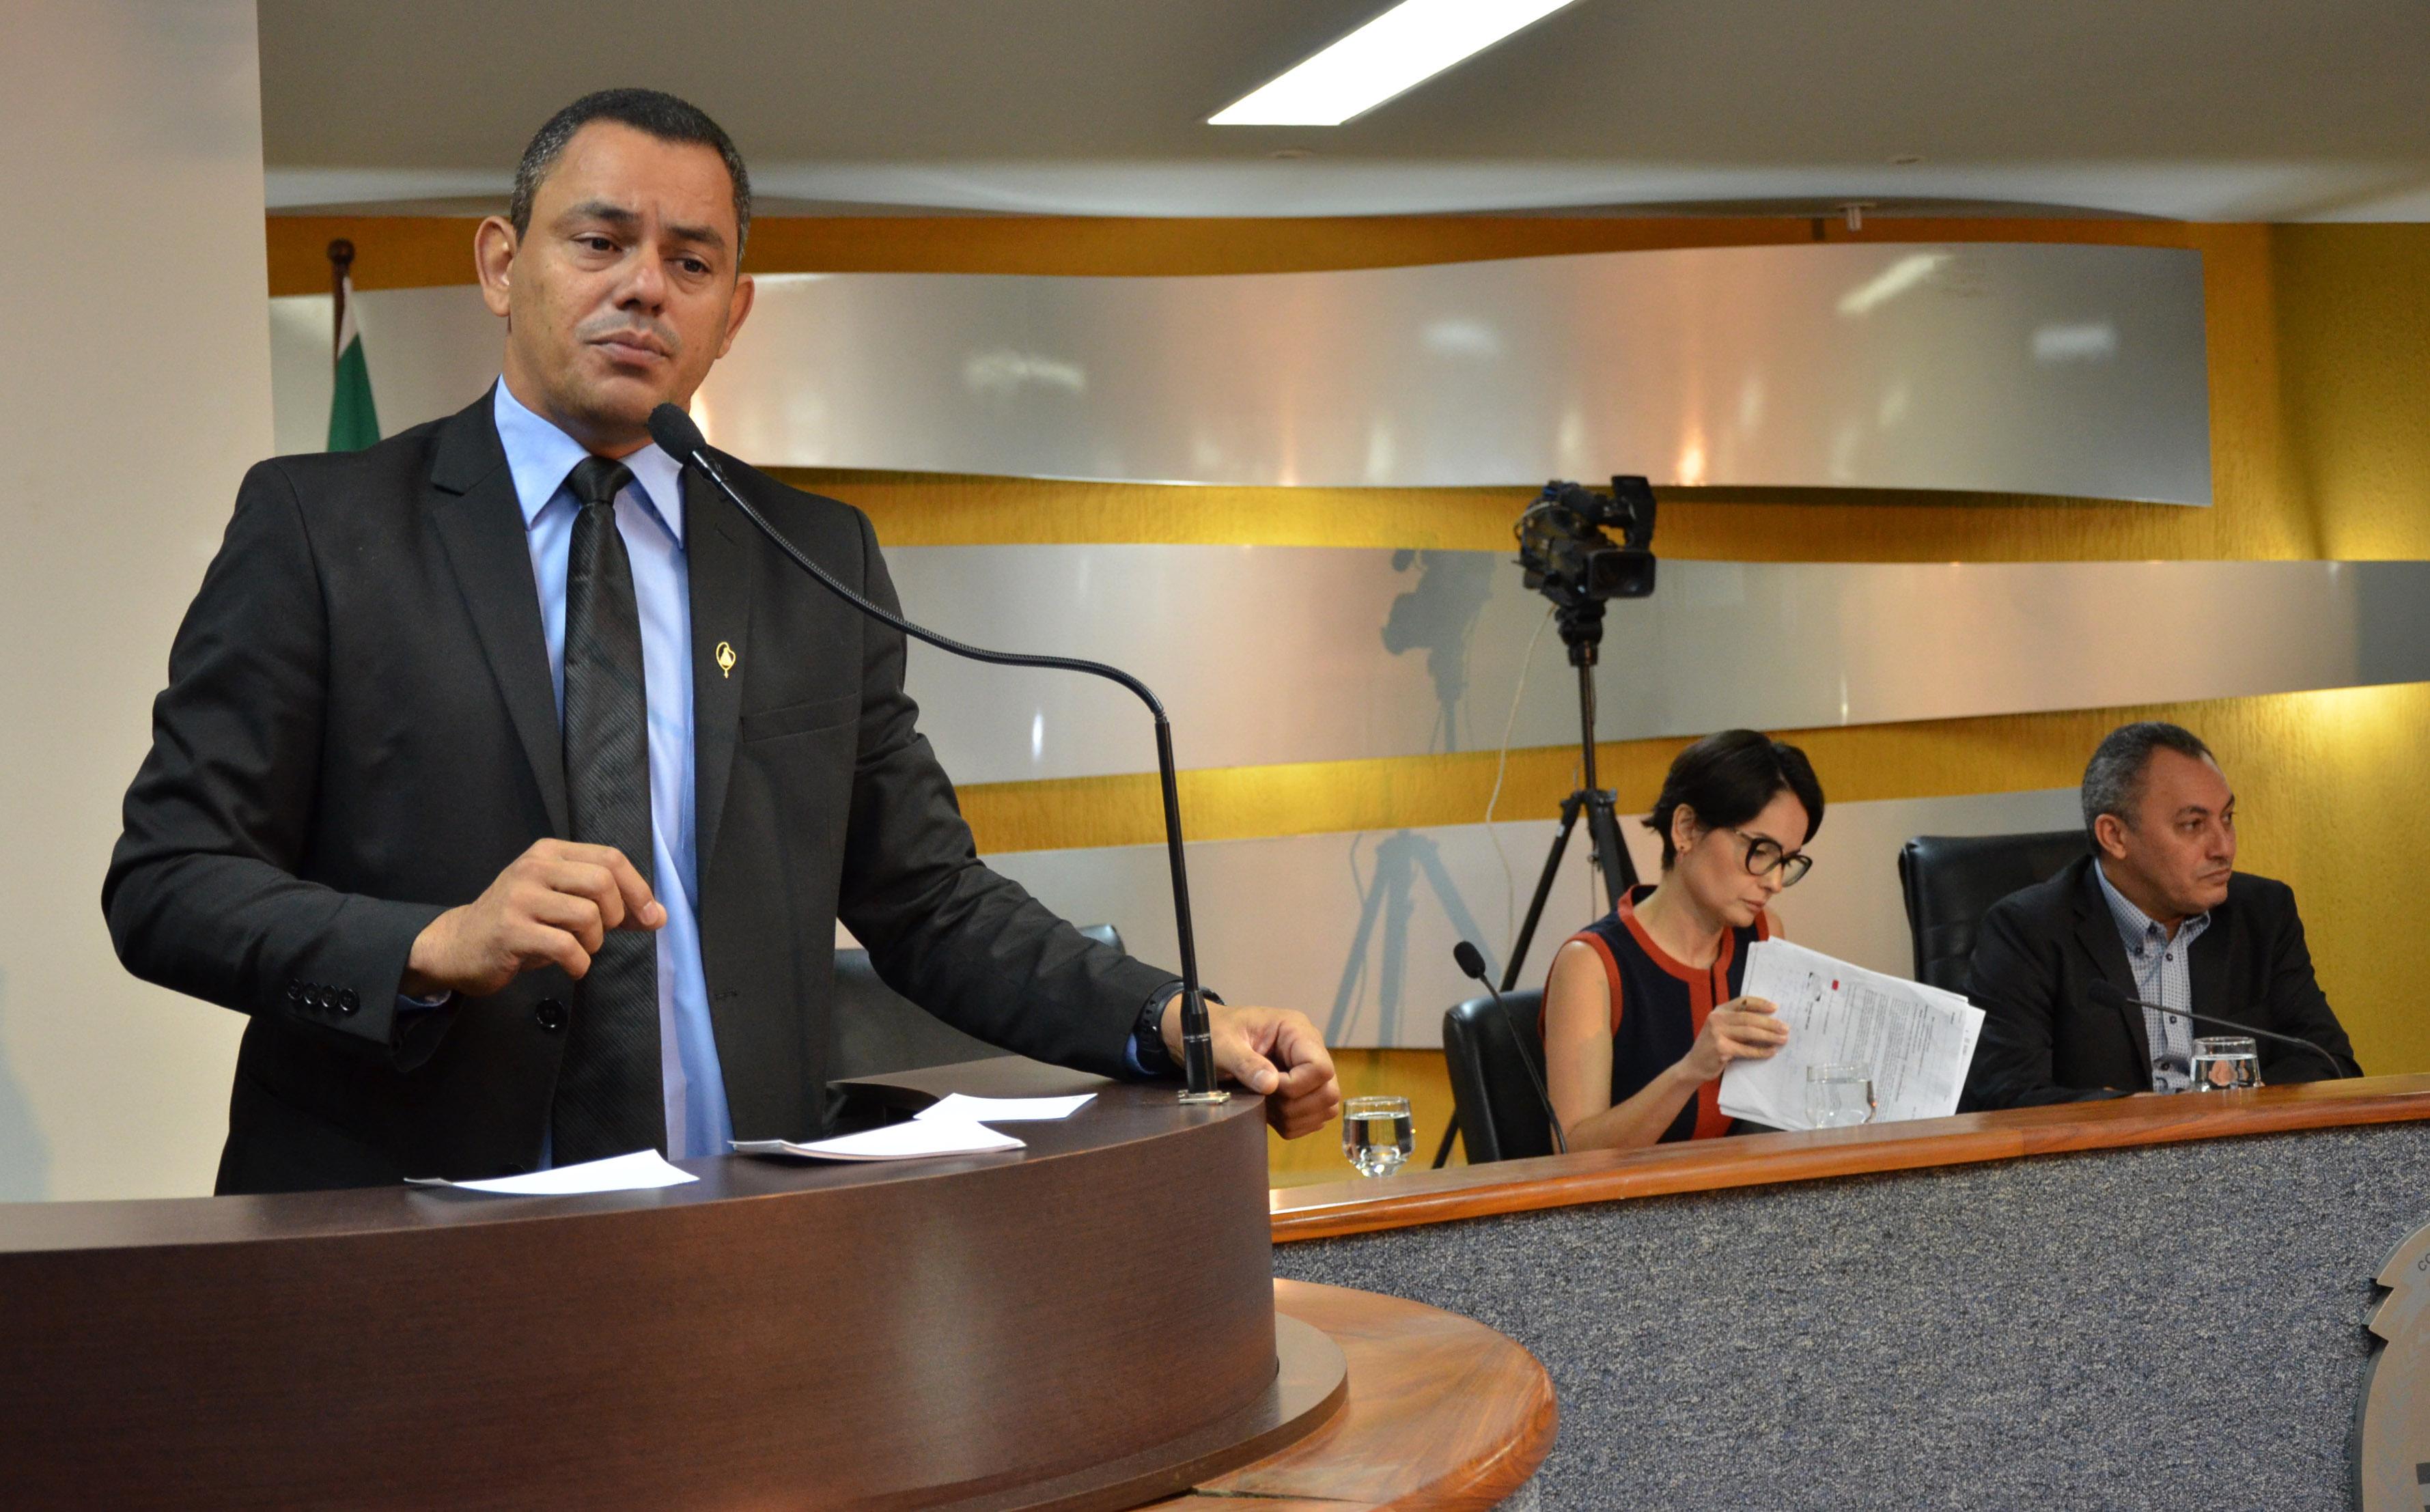 Reunião com parlamentares de vários municípios debate serviços e tarifas da BRK Ambiental